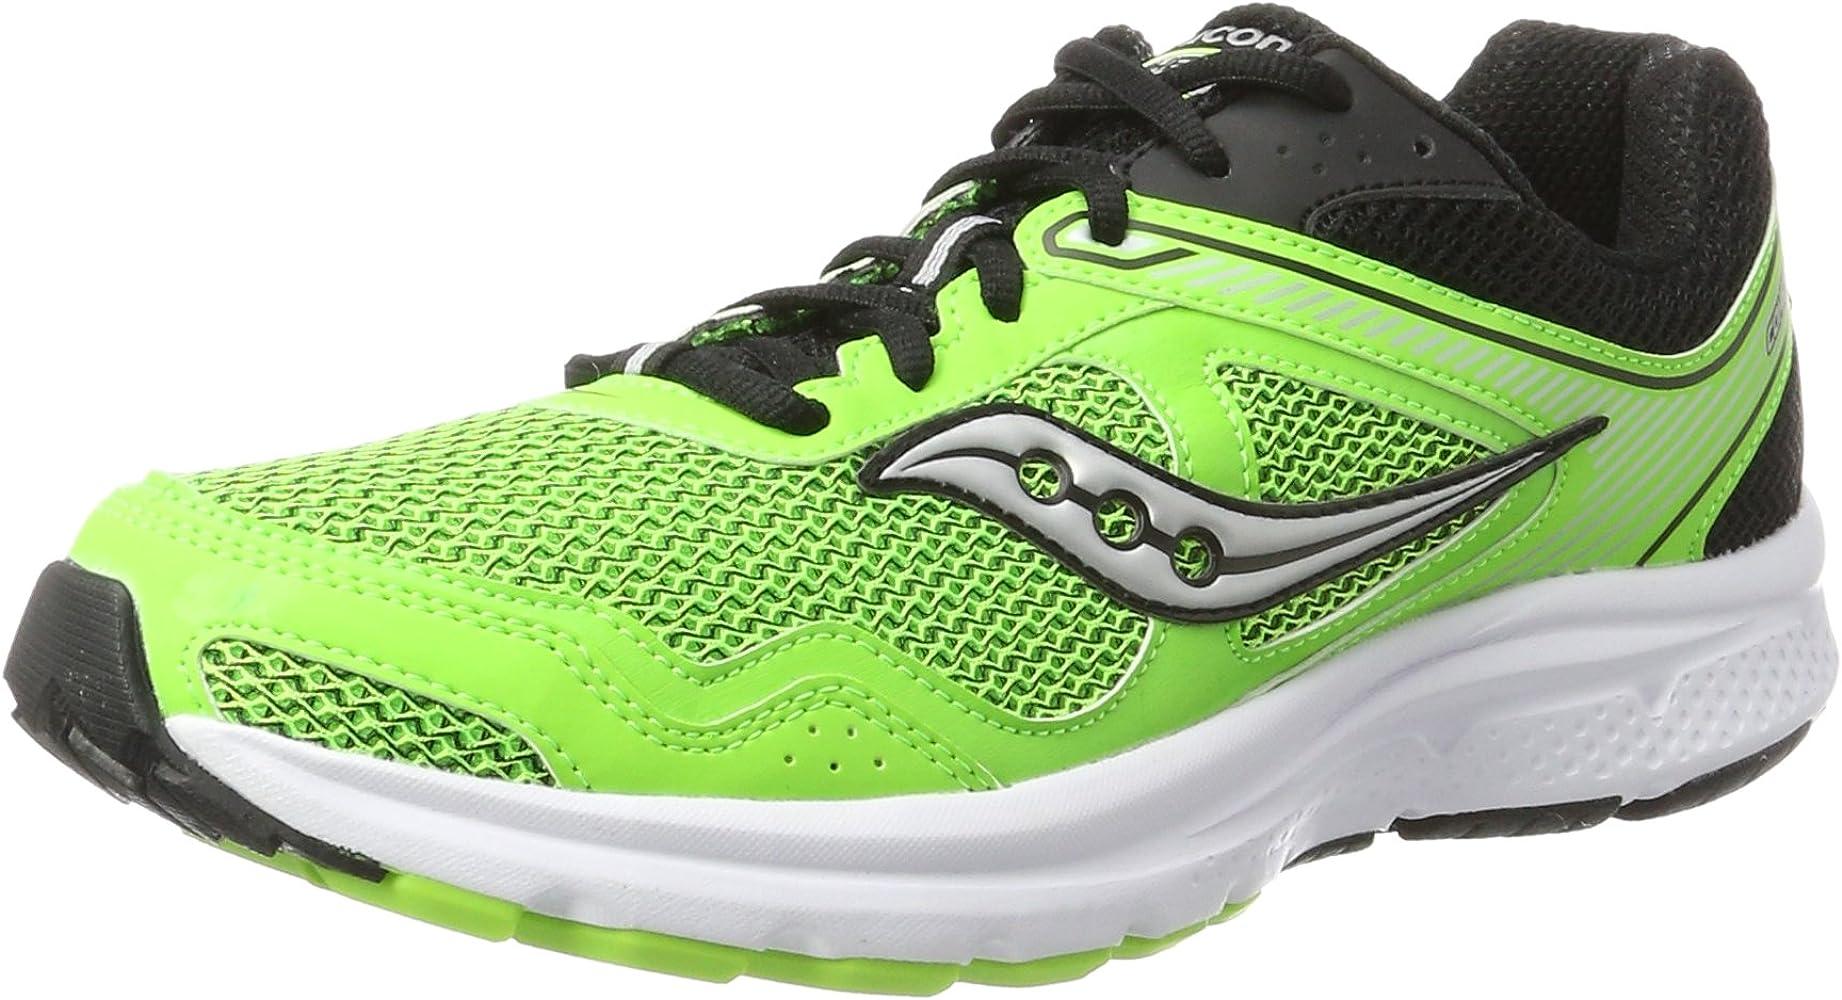 Saucony Cohesion 10, Zapatillas de Running para Hombre, Verde (Slime/Black), 44 EU: Amazon.es: Zapatos y complementos